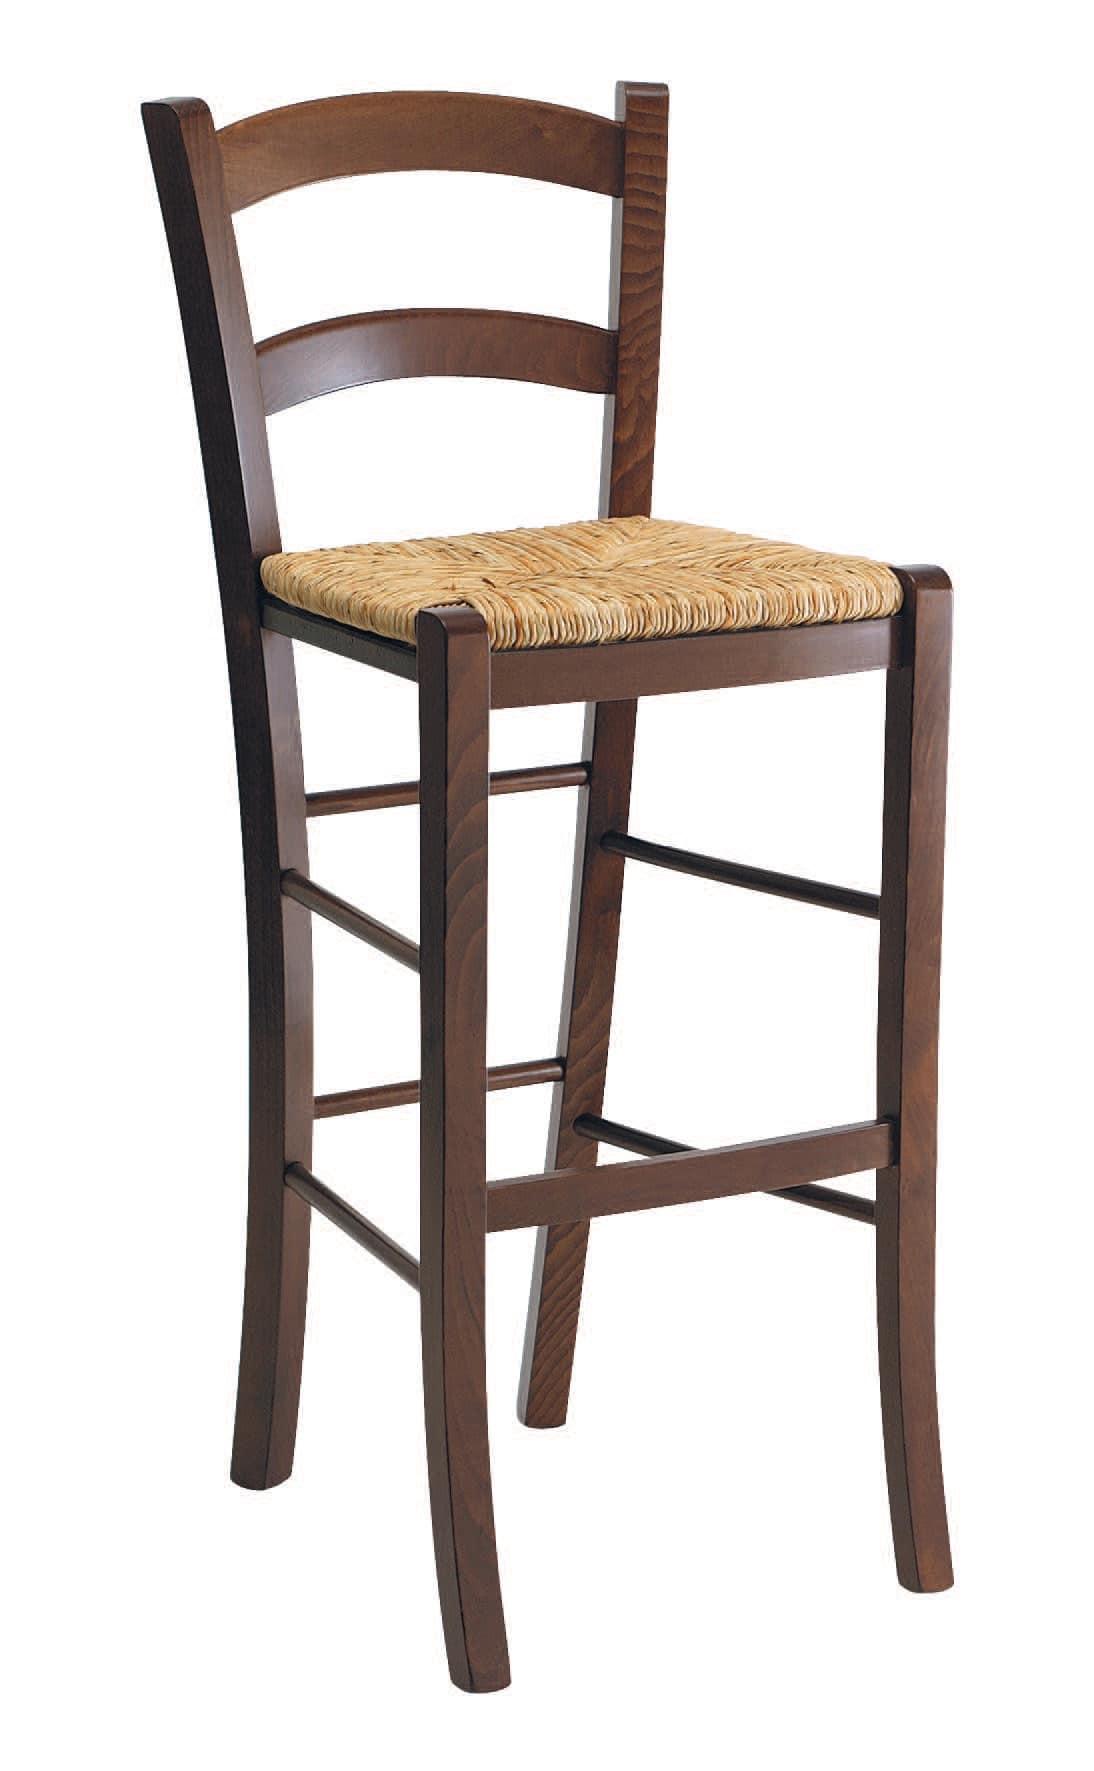 Sgabello rustico in legno con seduta in paglia per bar for Sgabelli bar legno